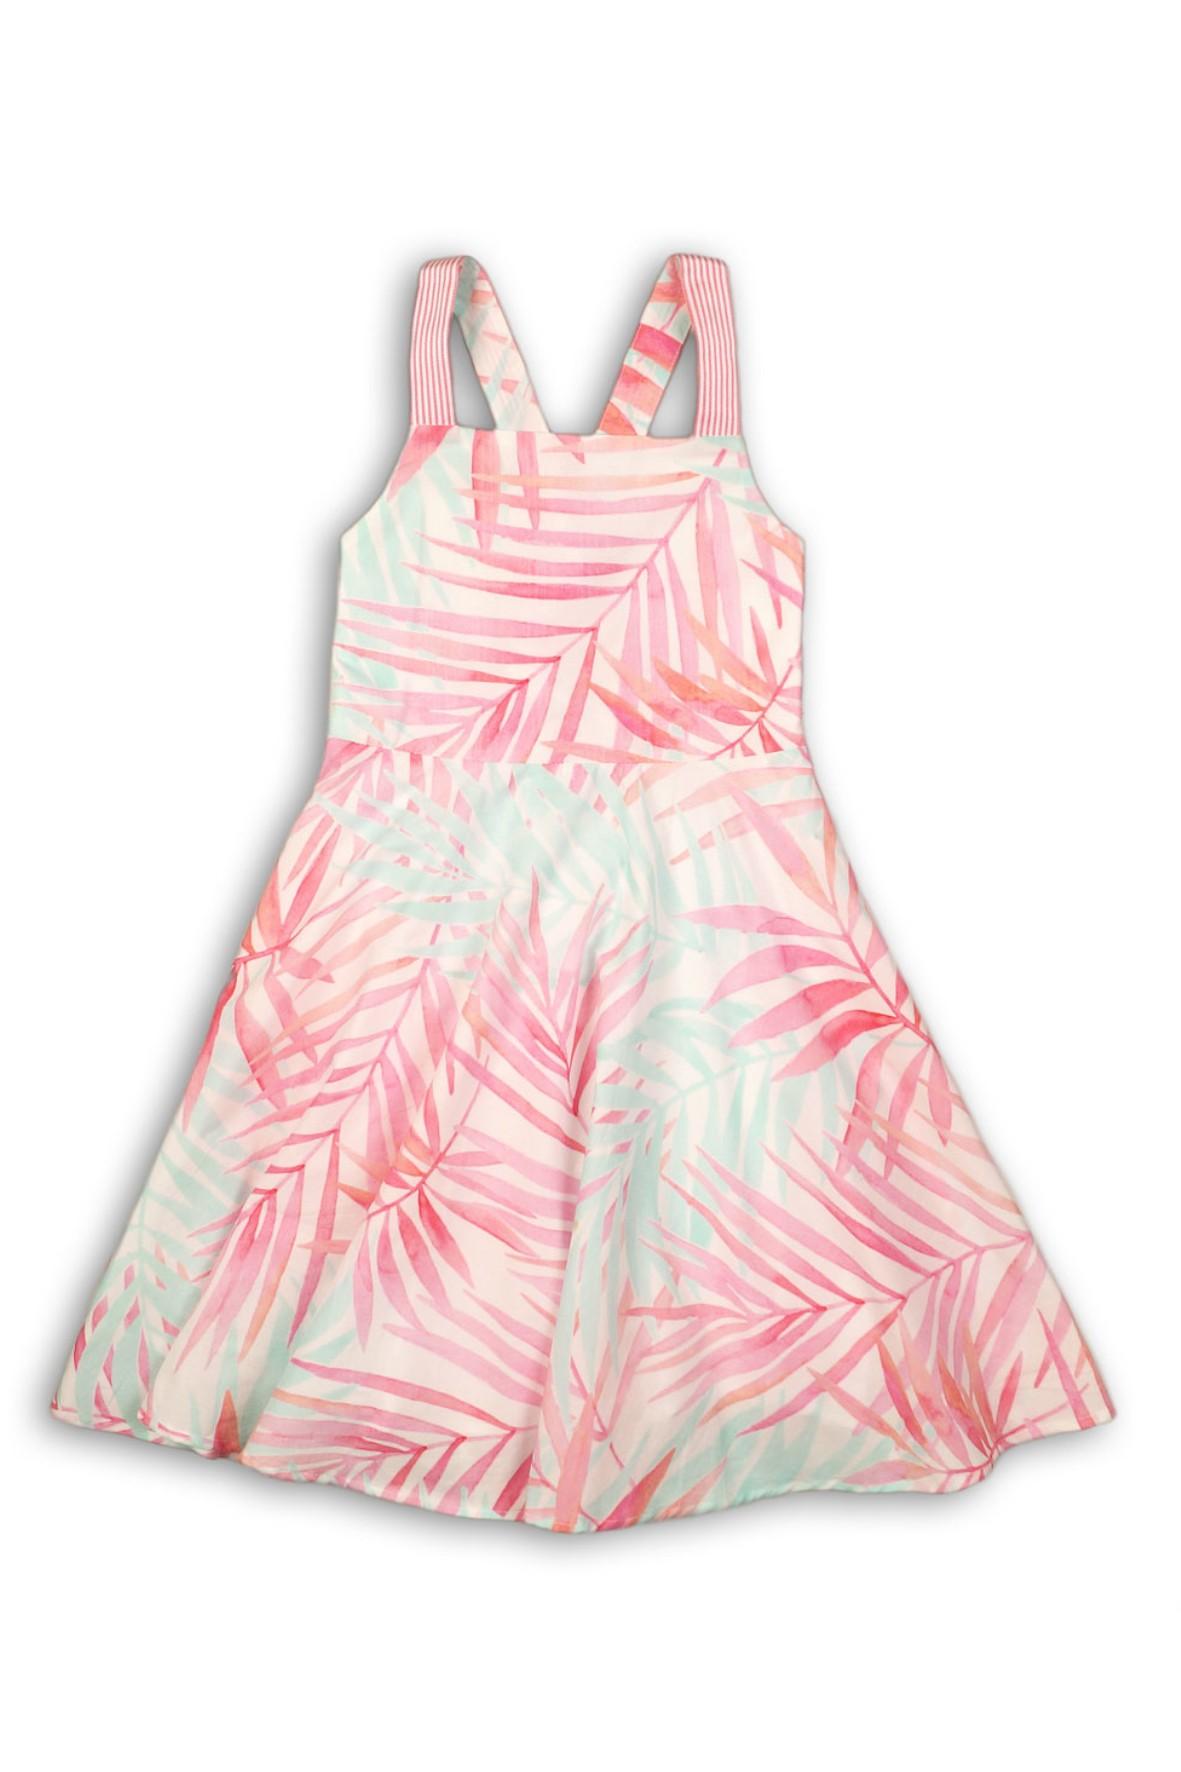 Sukienka dziewczęca na lato-kolorowe liście